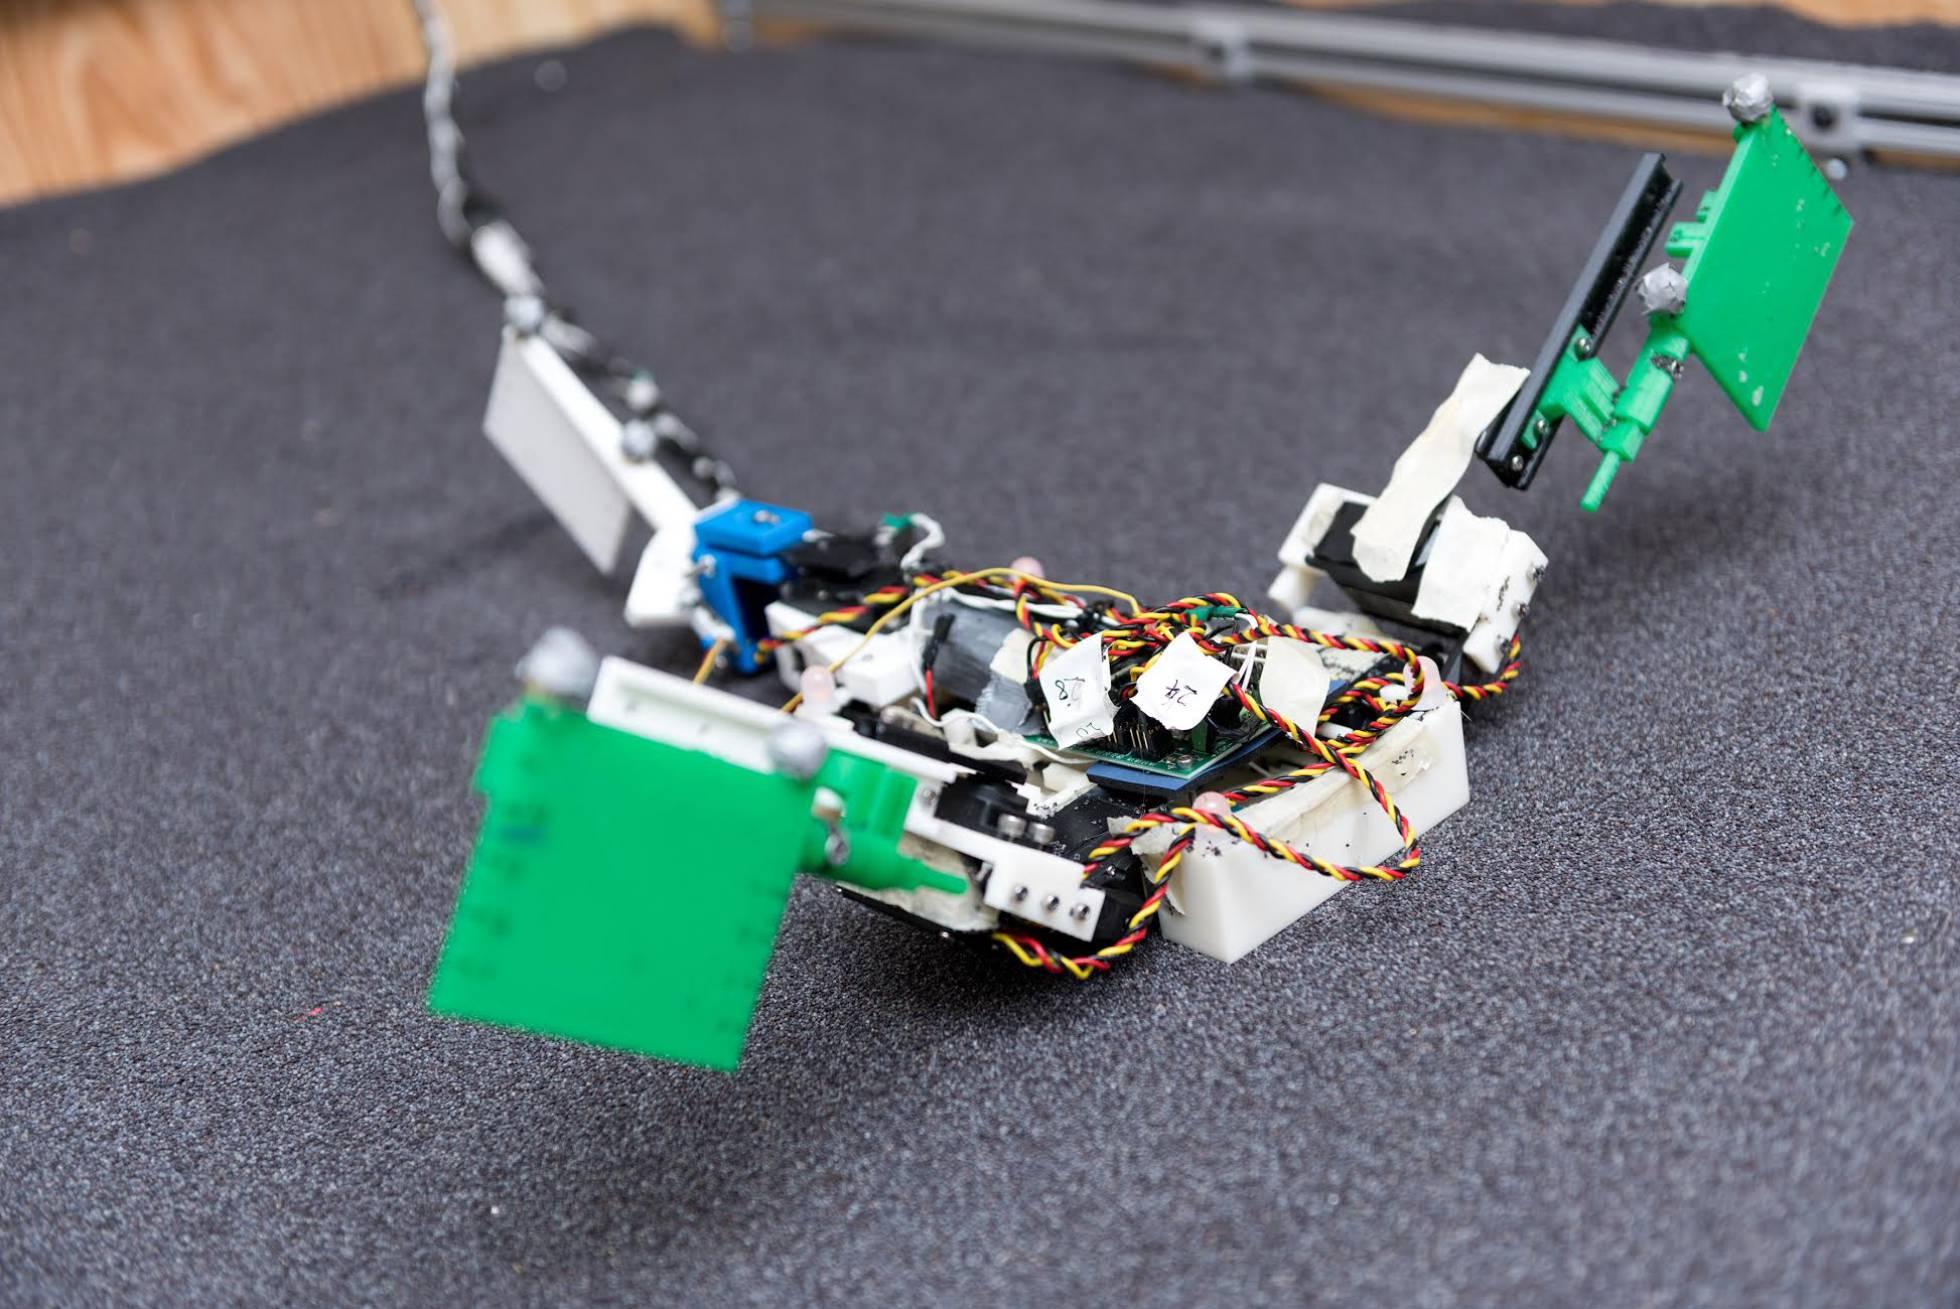 Inteligencia Artificial / Robótica - Página 3 1467800726_000255_1467801152_noticia_normal_recorte1